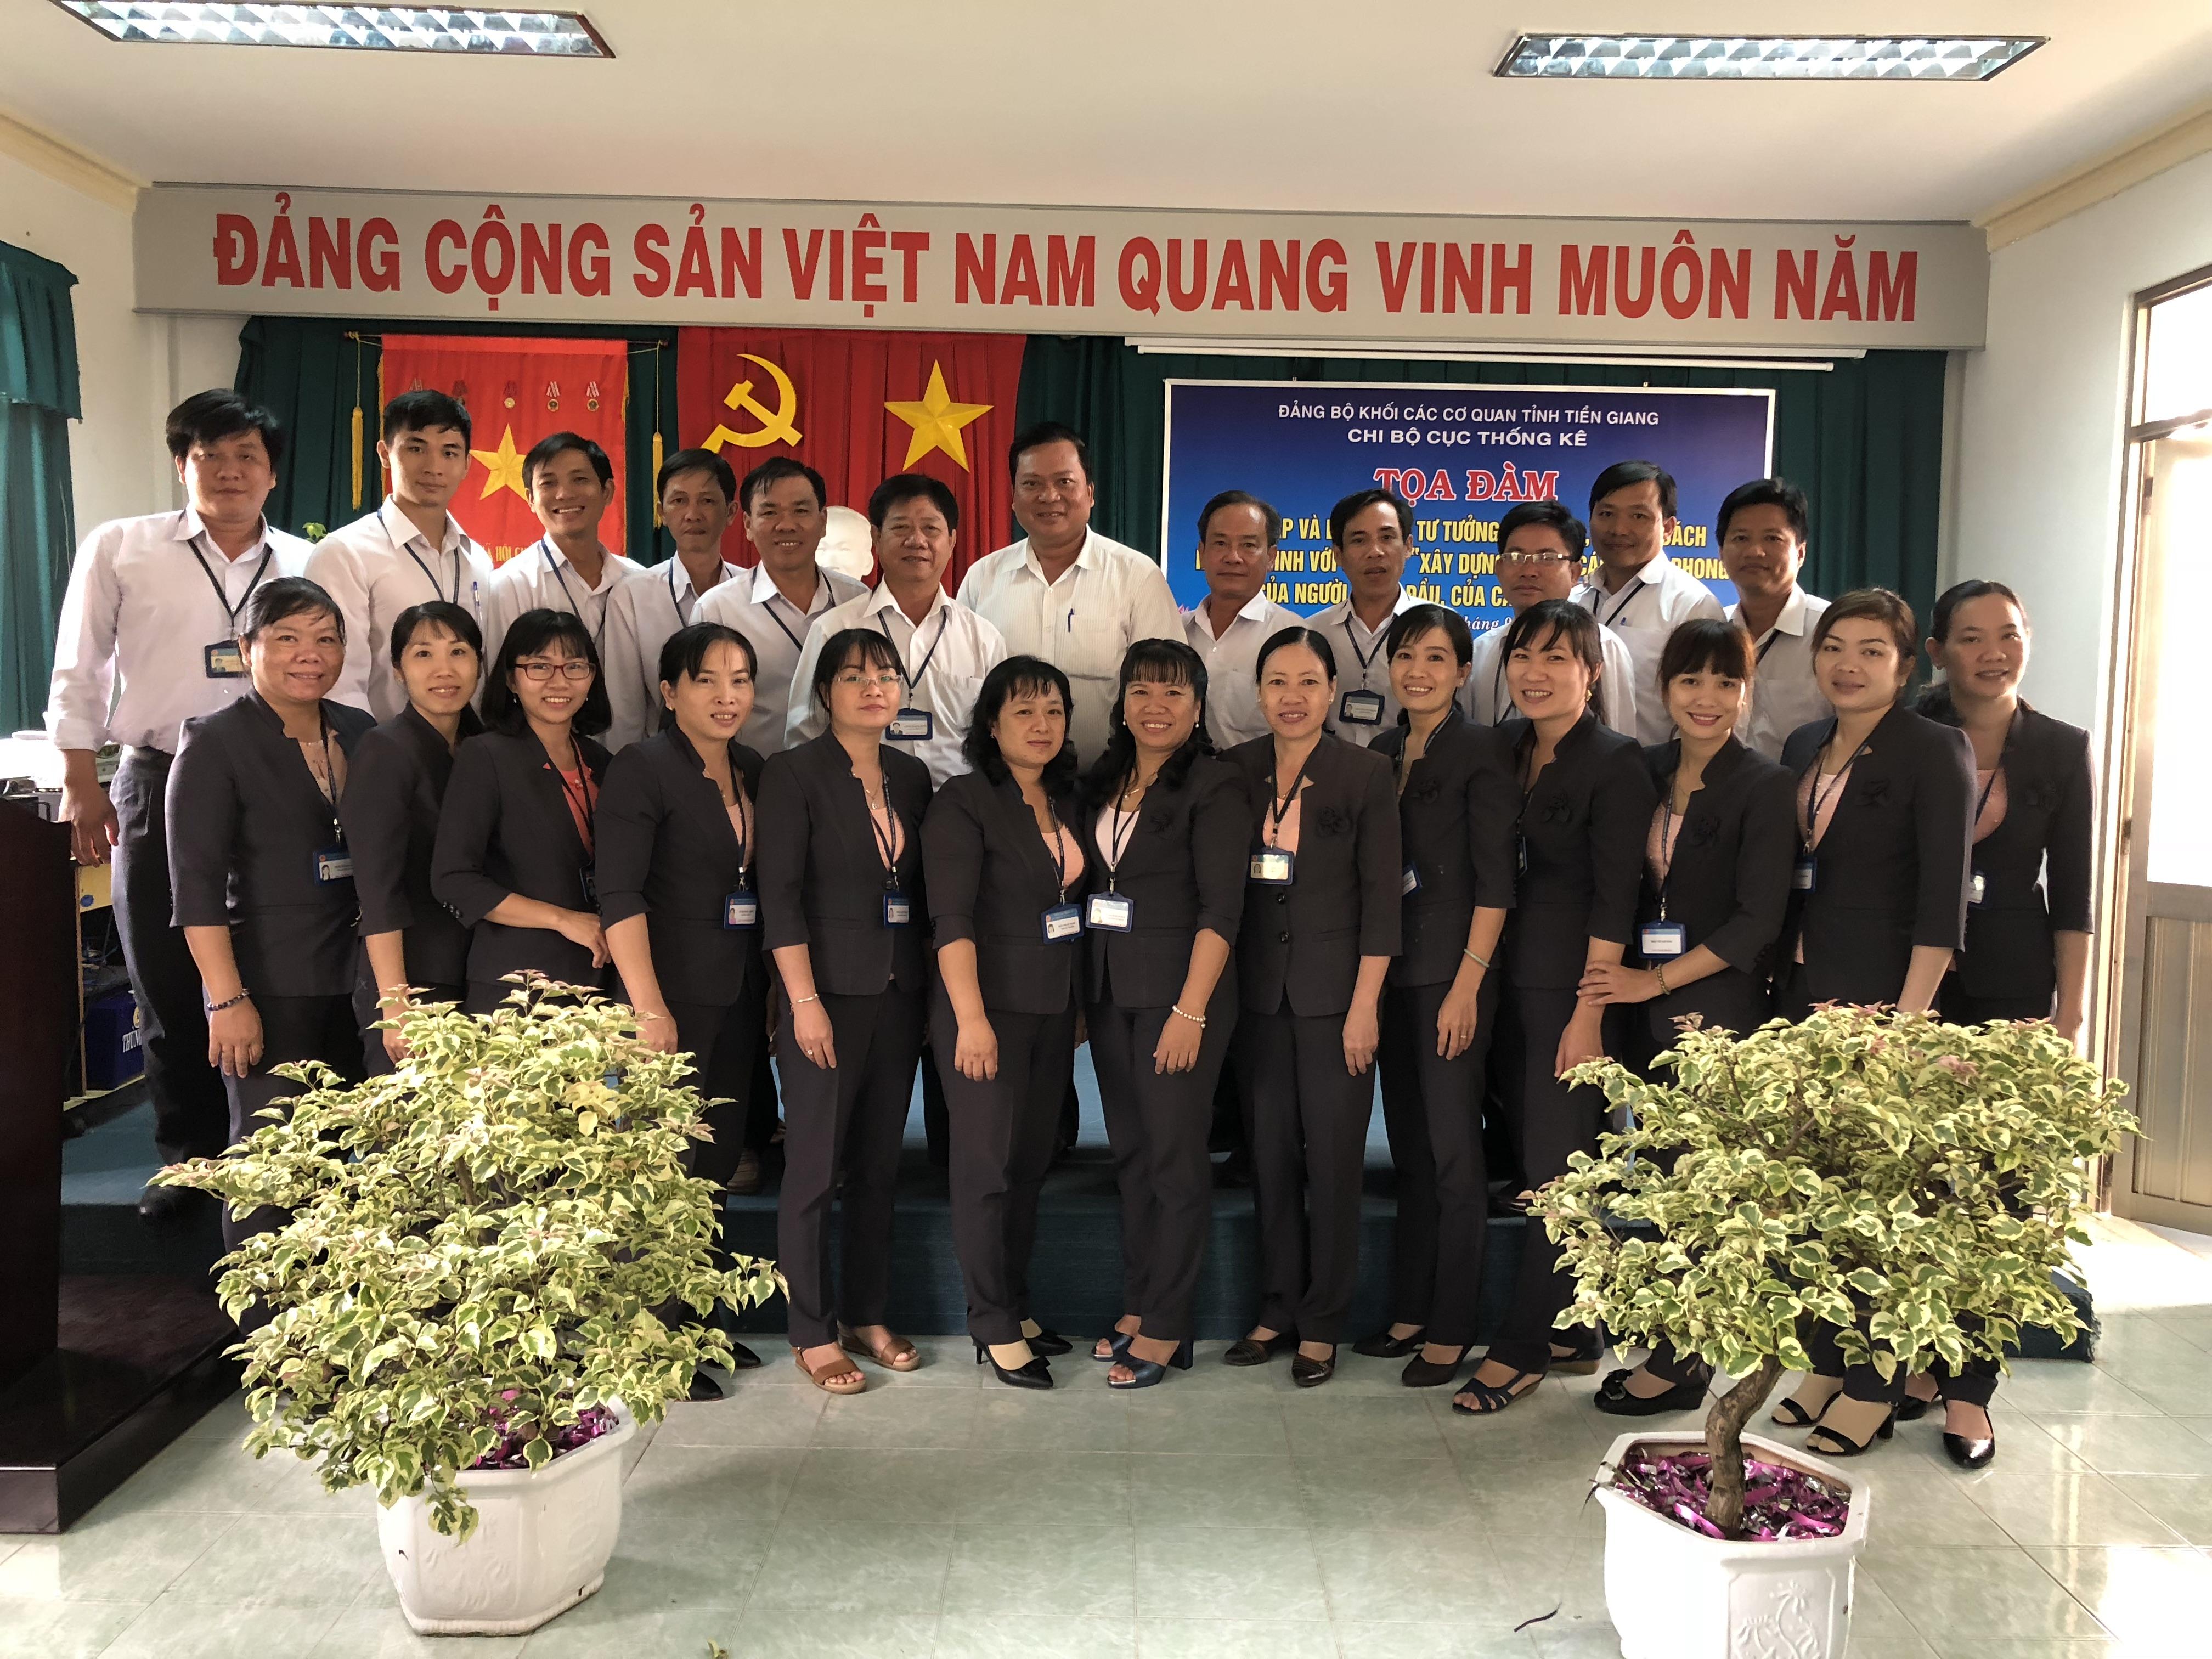 Cục Thống kê Tiền Giang sinh hoạt tọa đàm về học tập và làm theo tấm gương đạo đức Hồ Chí Minh năm 2018